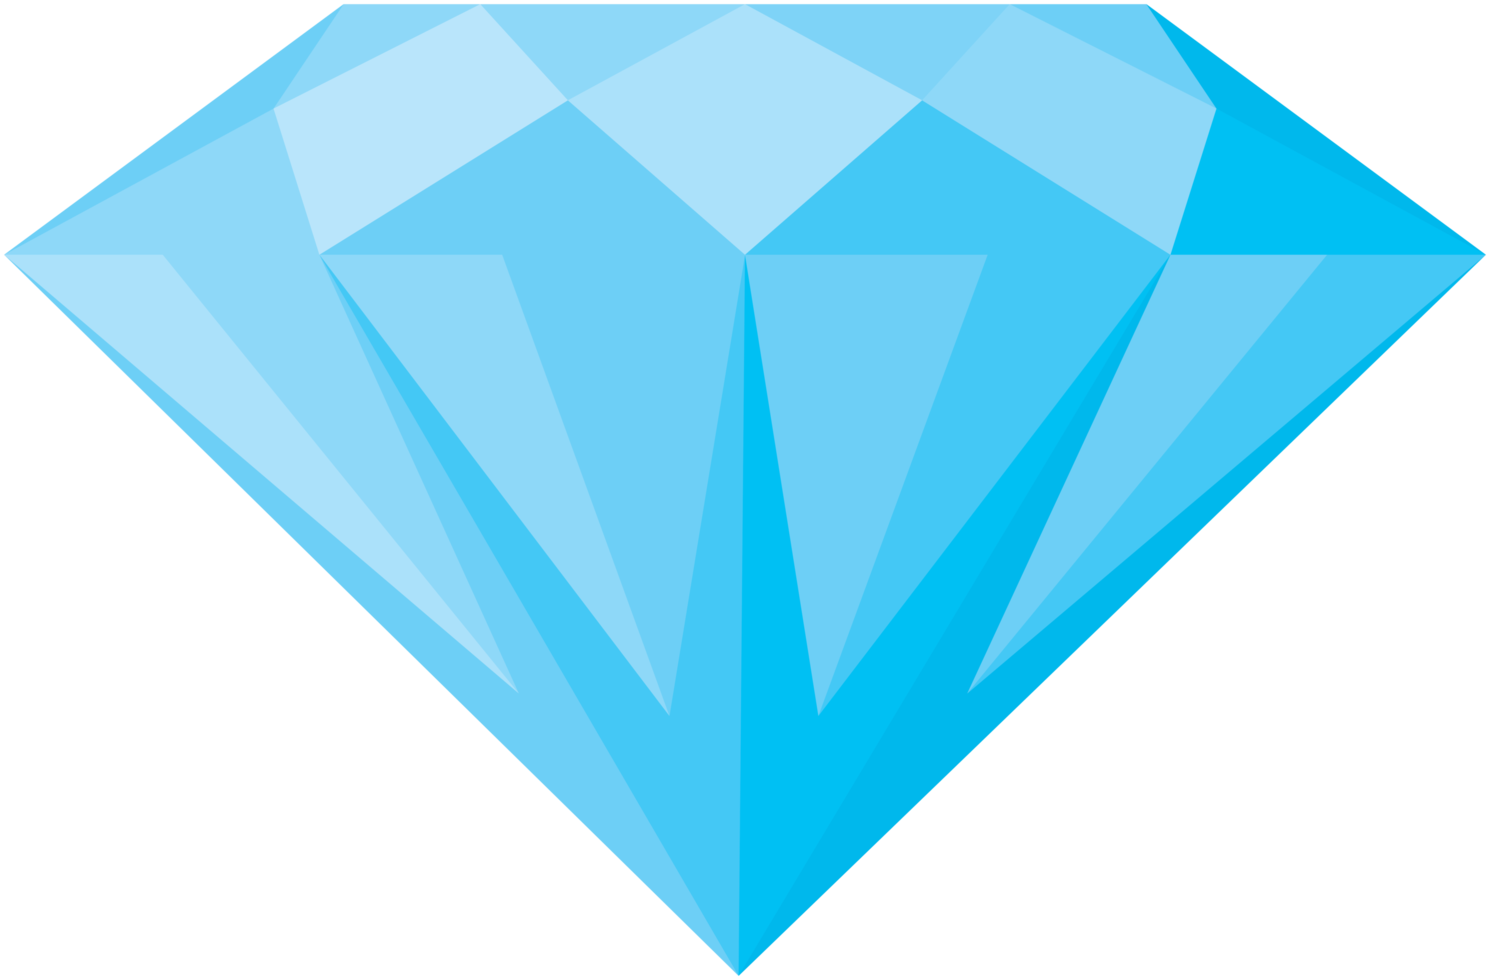 Diamant Vorderansicht png